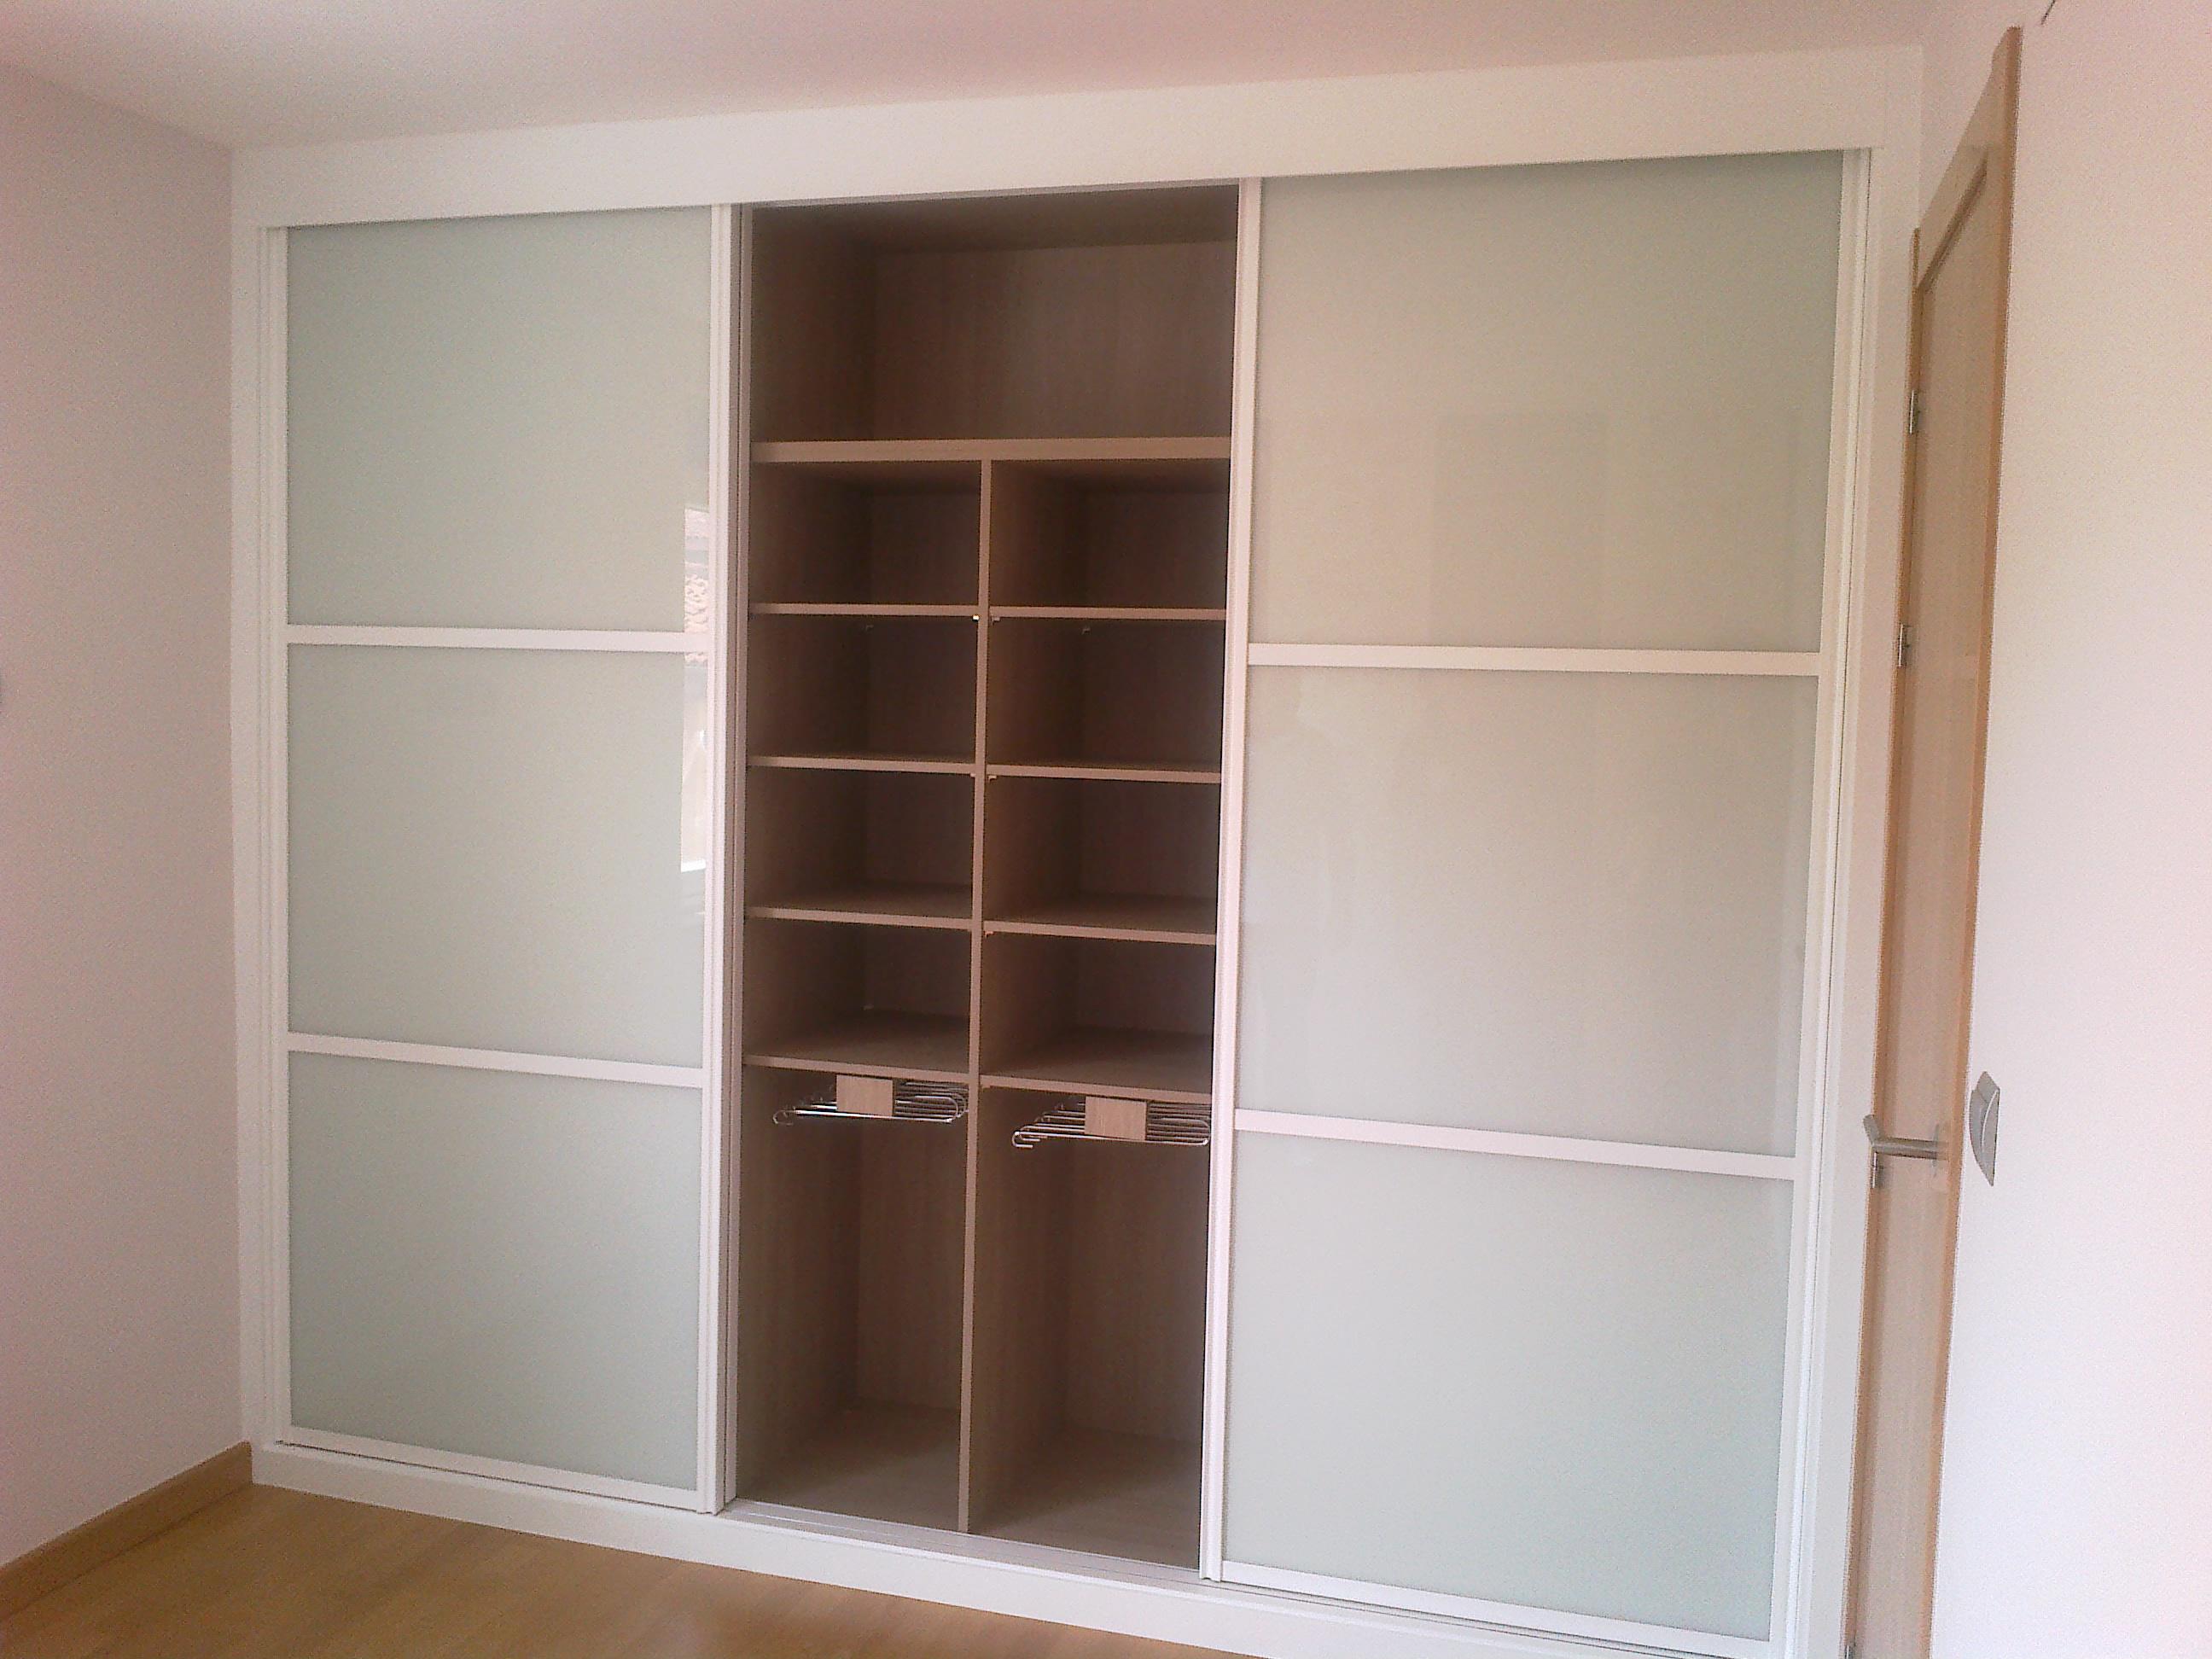 Armario empotrado cristal blanco distribuci n interior - Decoracion armarios empotrados ...